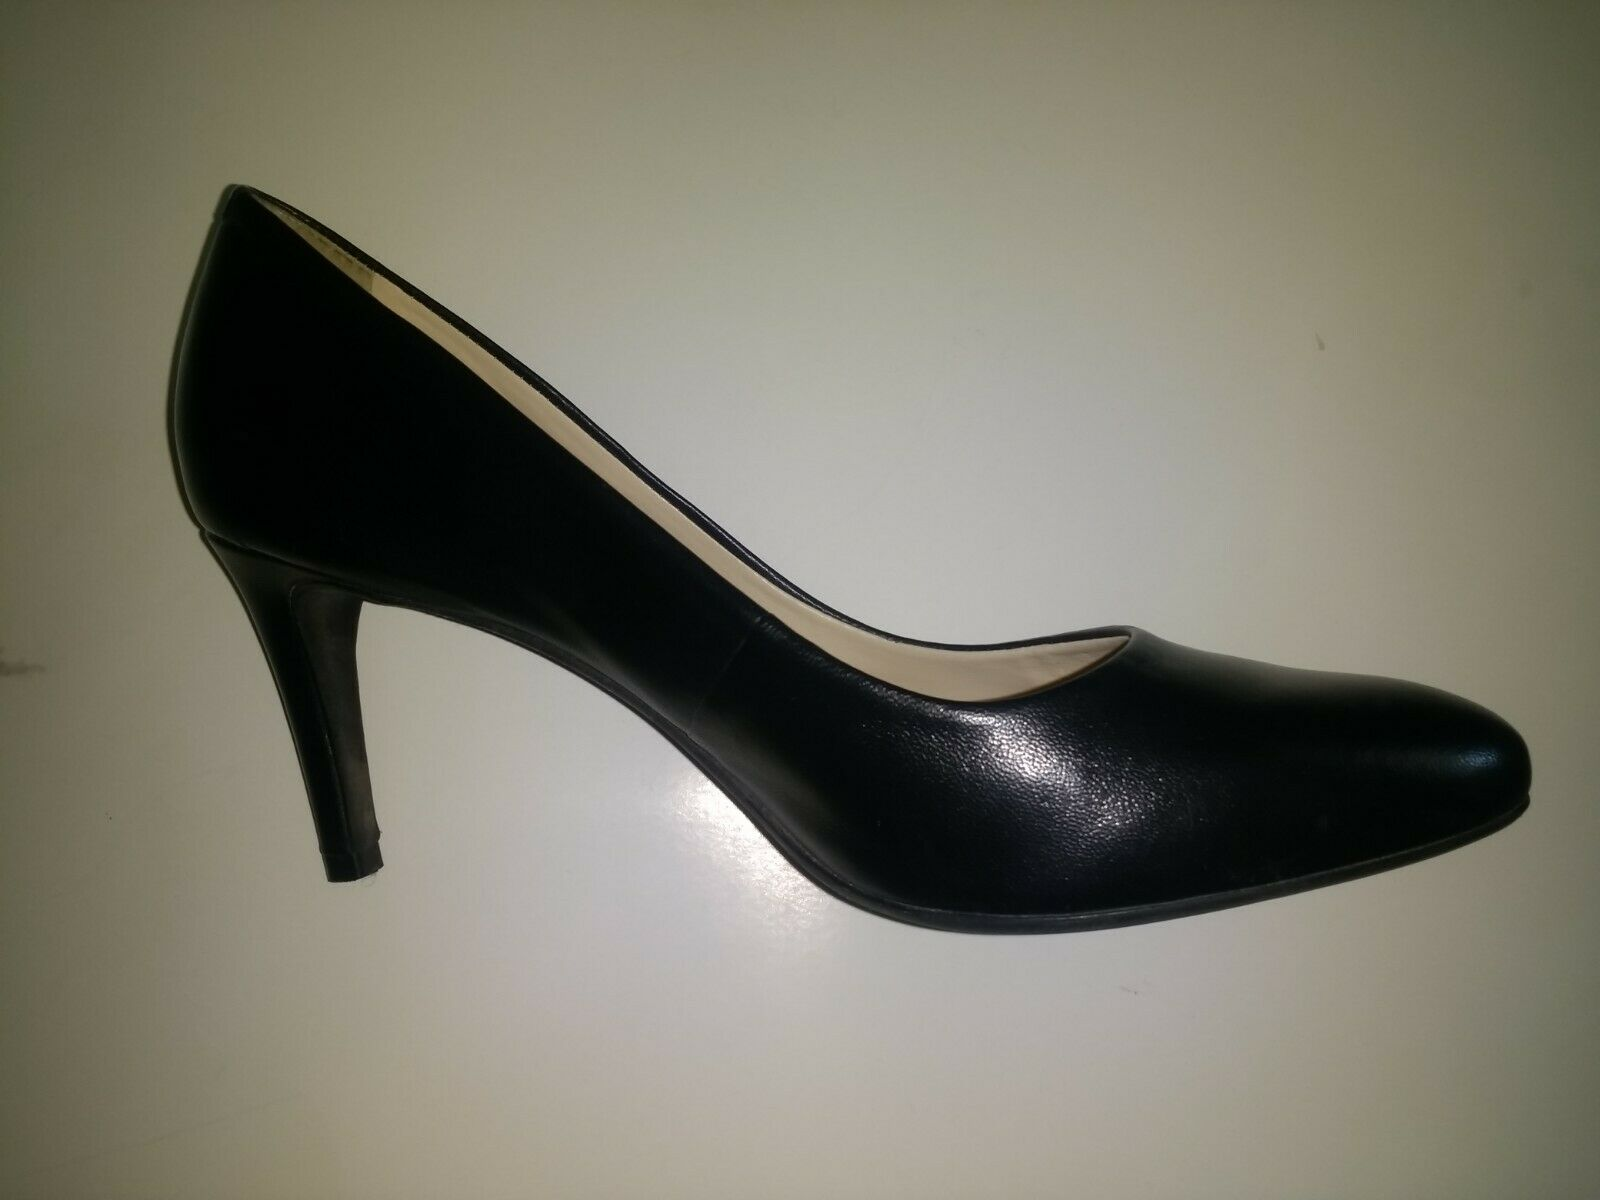 Alex Marie Women's Black Leather Closed Toe Pumps Shoes Stiletto Heels US 10 M